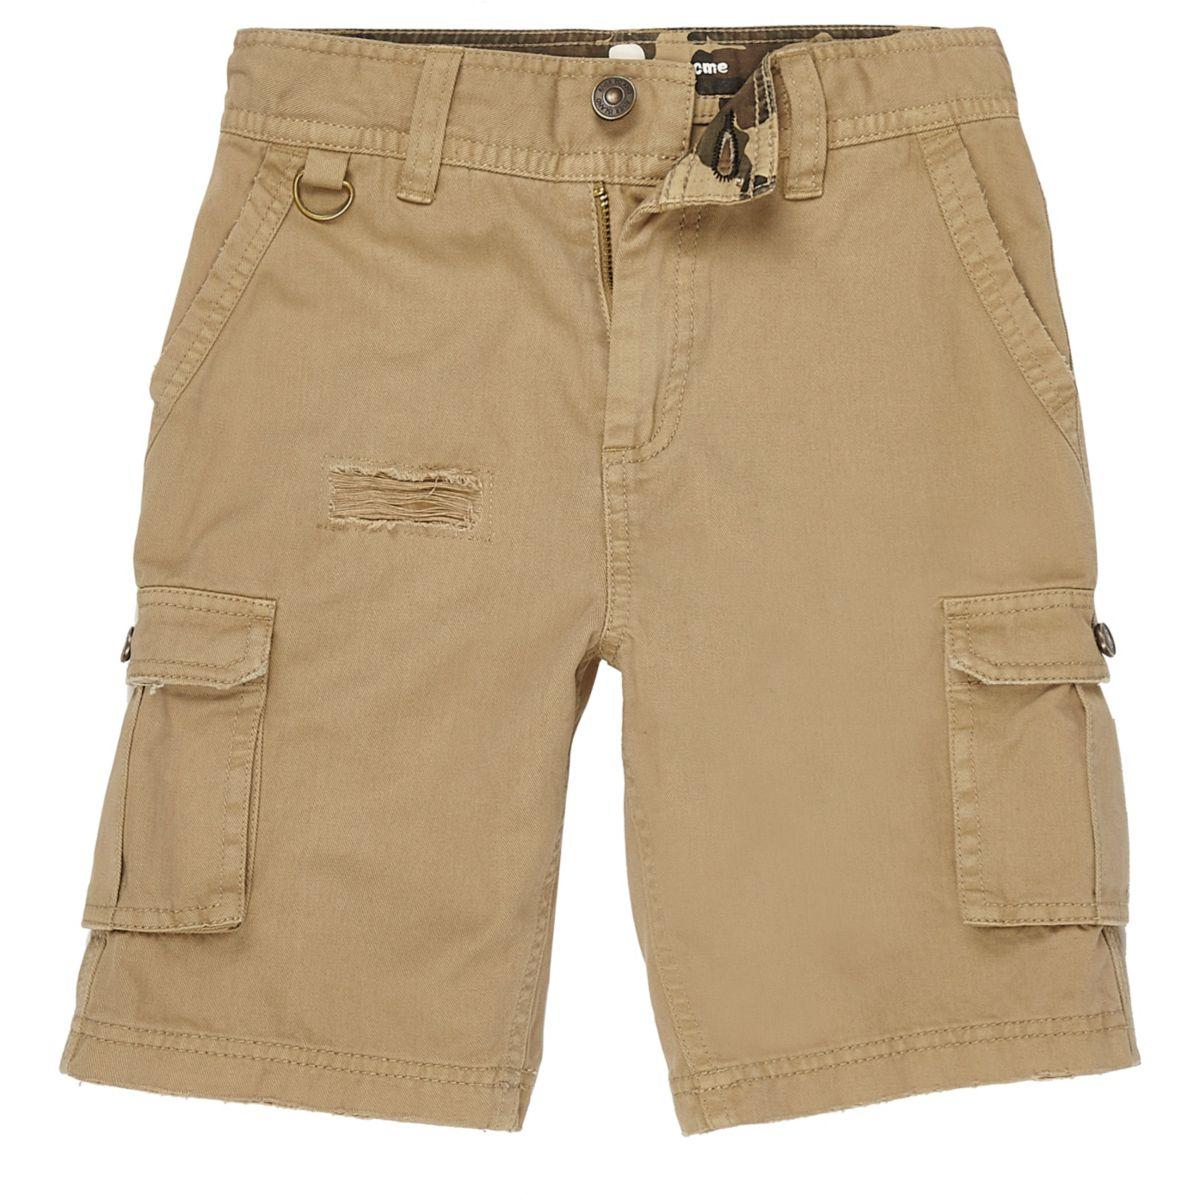 Boys light brown cargo shorts